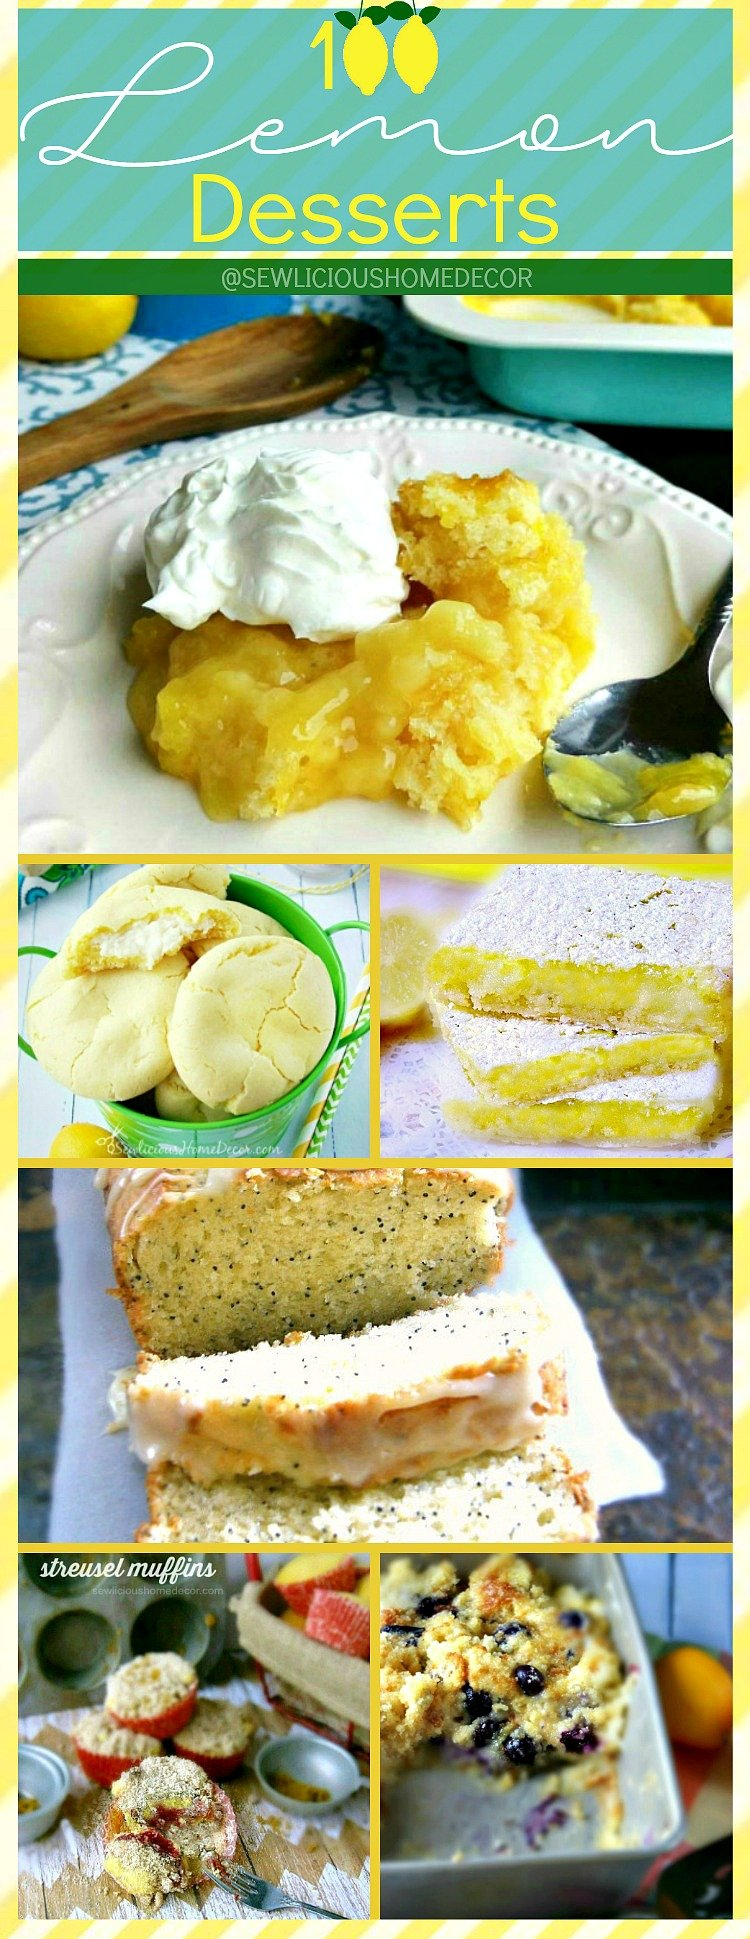 100 Lemon Dessert Recipes at sewlicioushomedecor.com